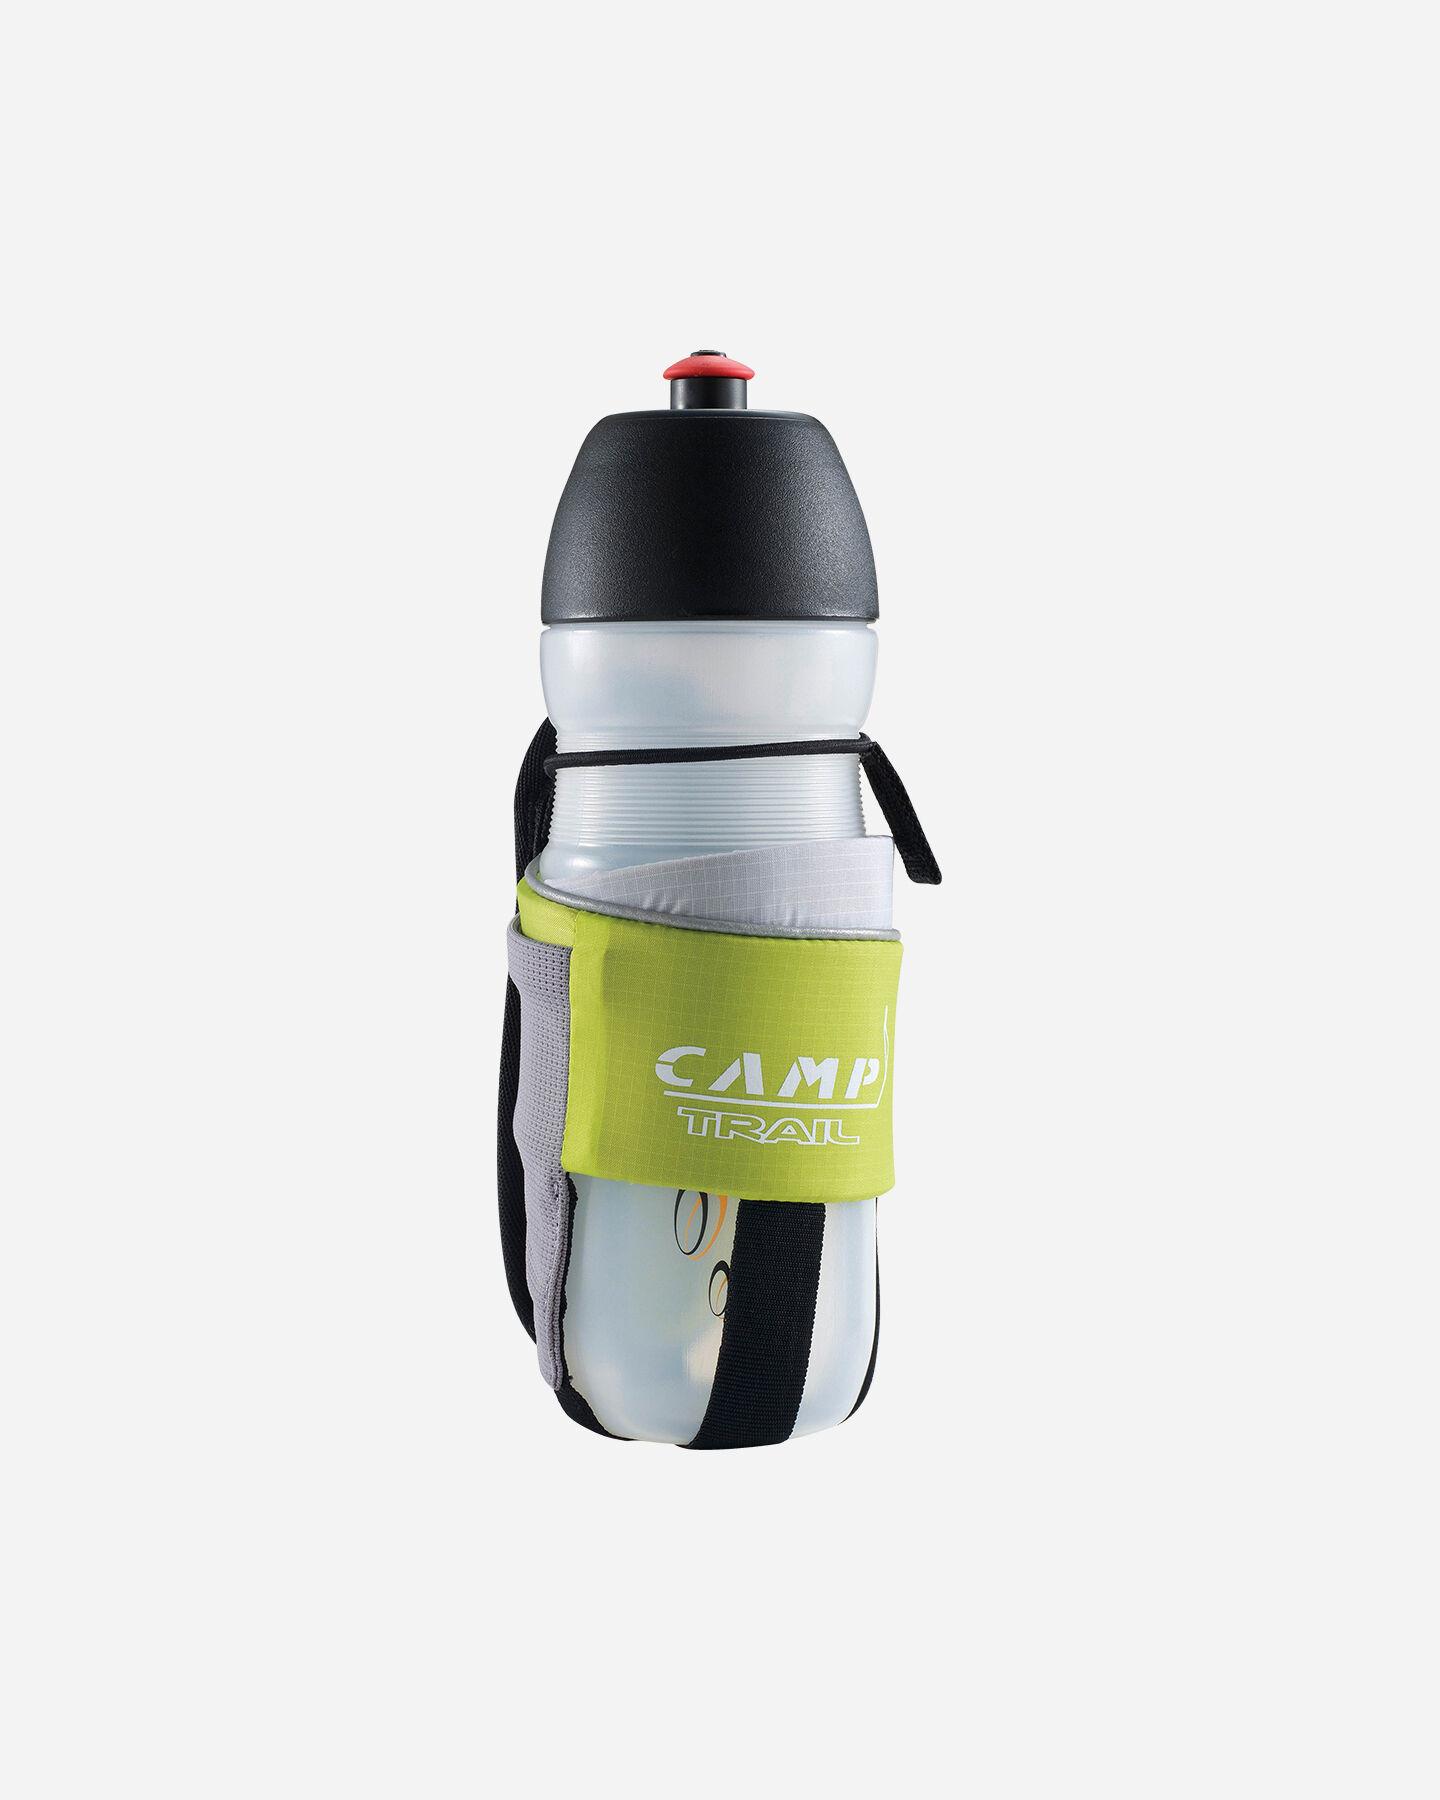 Accessorio zaini CAMP BOTTLE HOLDER S1130647|1|UNI scatto 0